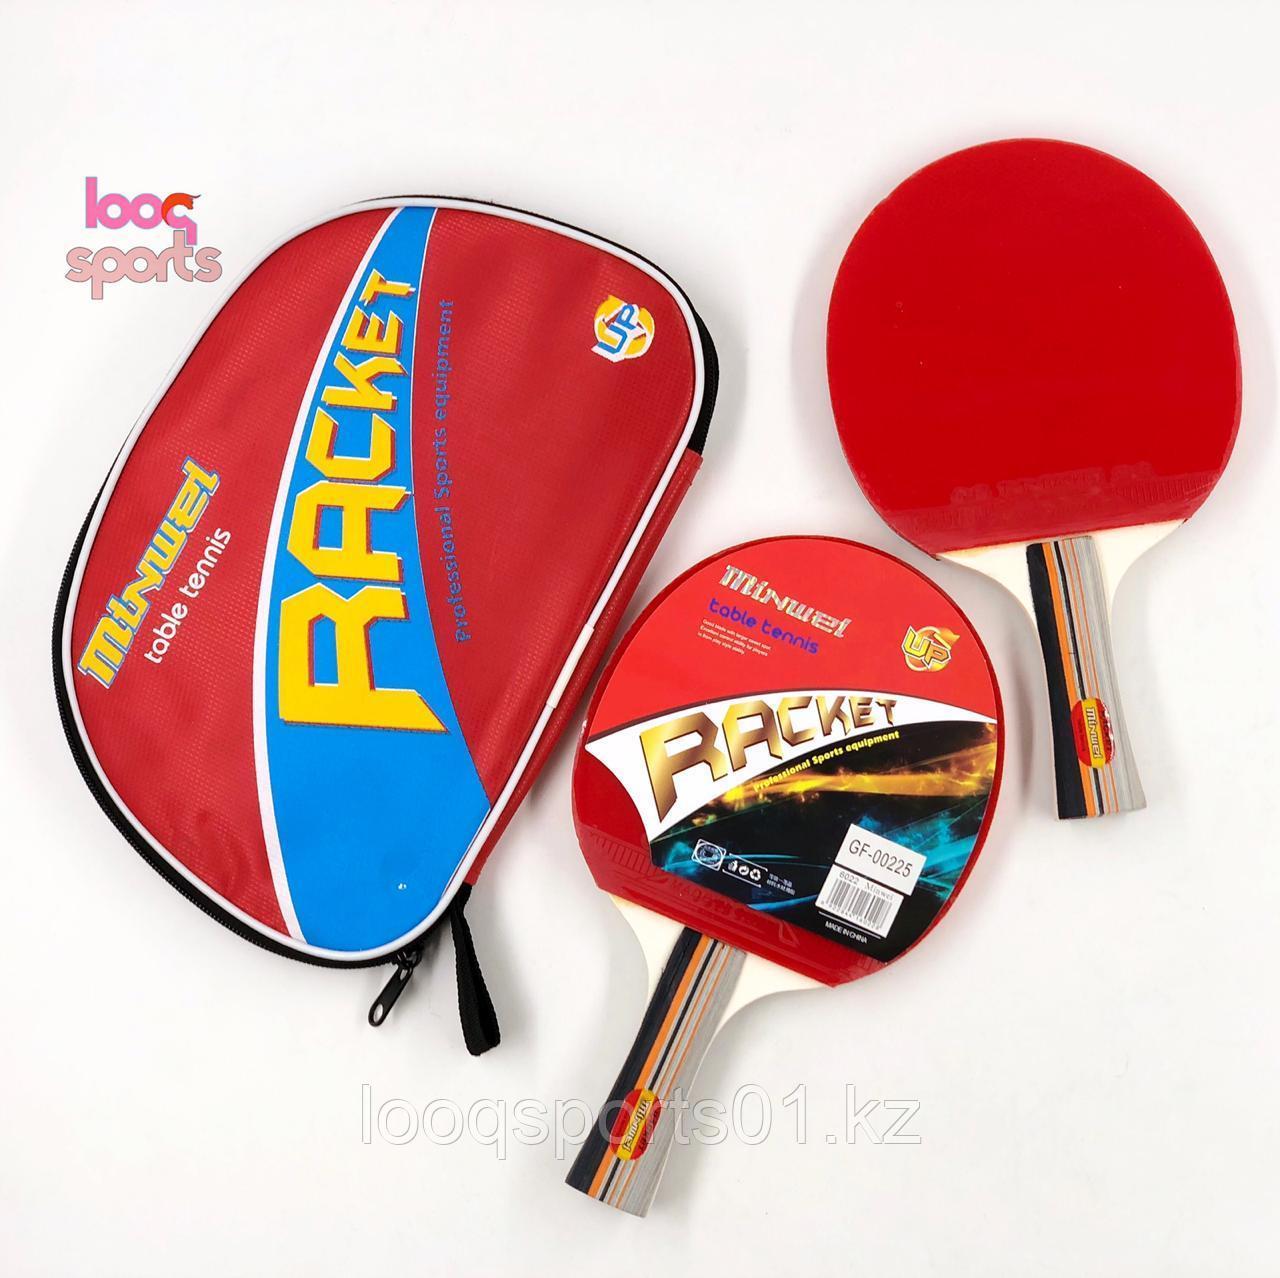 Ракетка для настольного тенниса (Racket) с чехлом 2шт